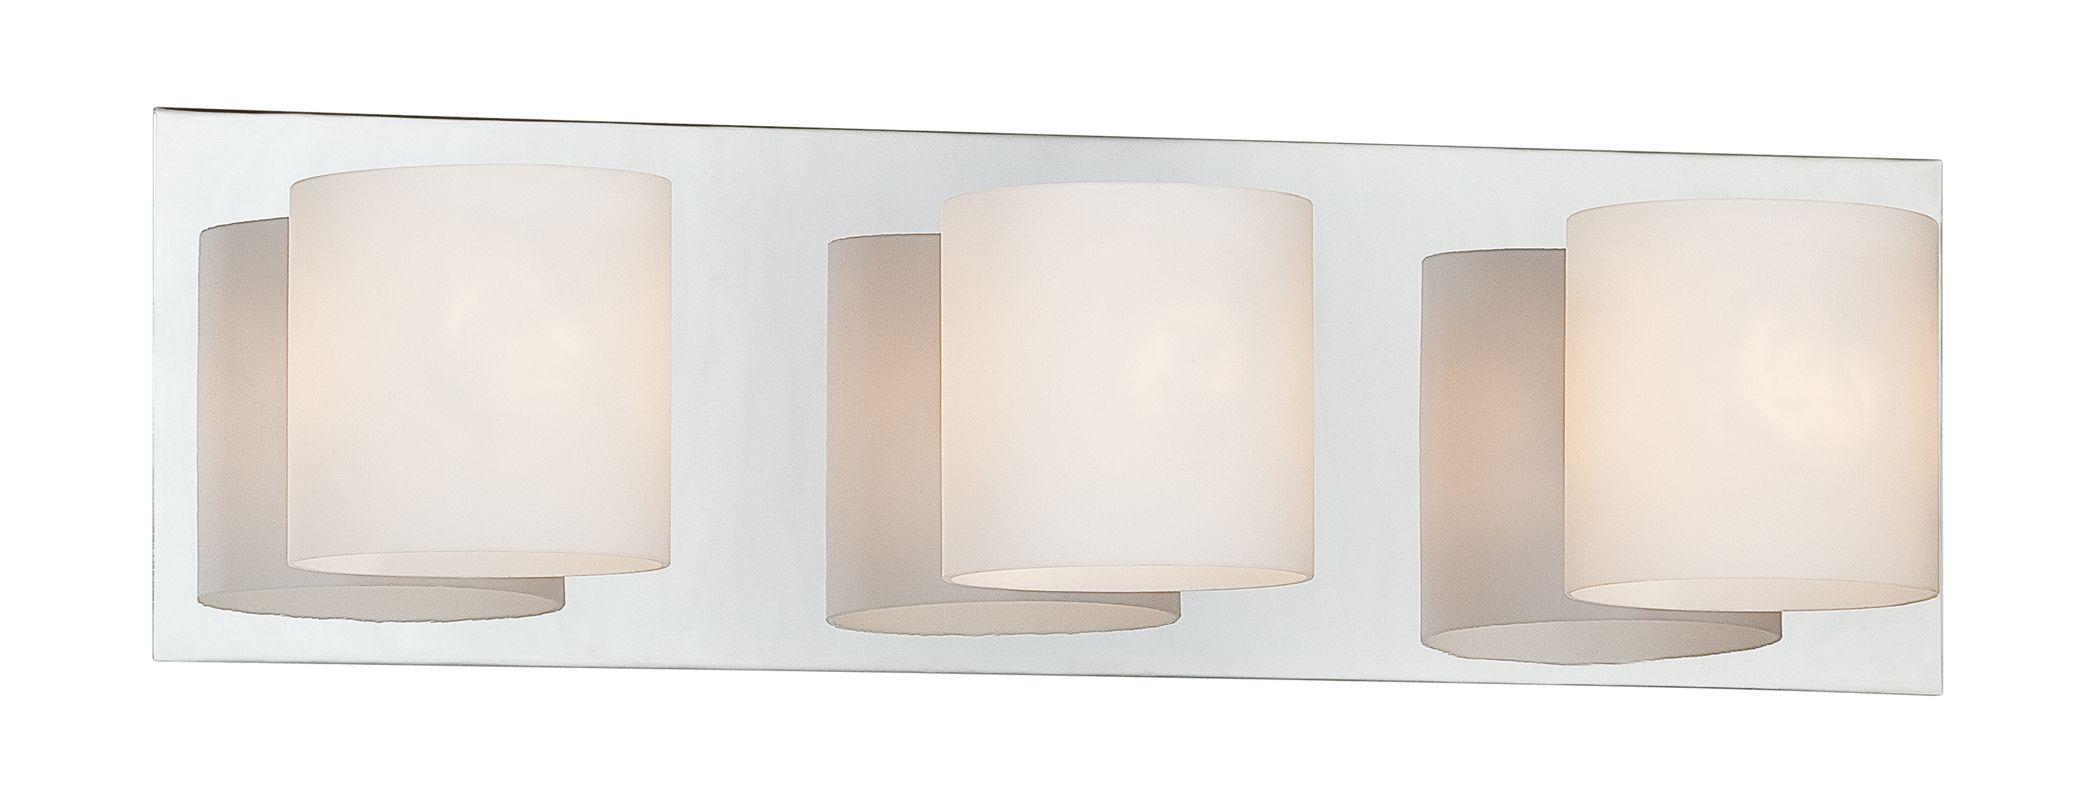 """Progress Lighting Archie 3 Light 8 75 In Polished Chrome: Eurofase Lighting 20379-025 Chrome 3 Light 5.5""""H Bathroom"""